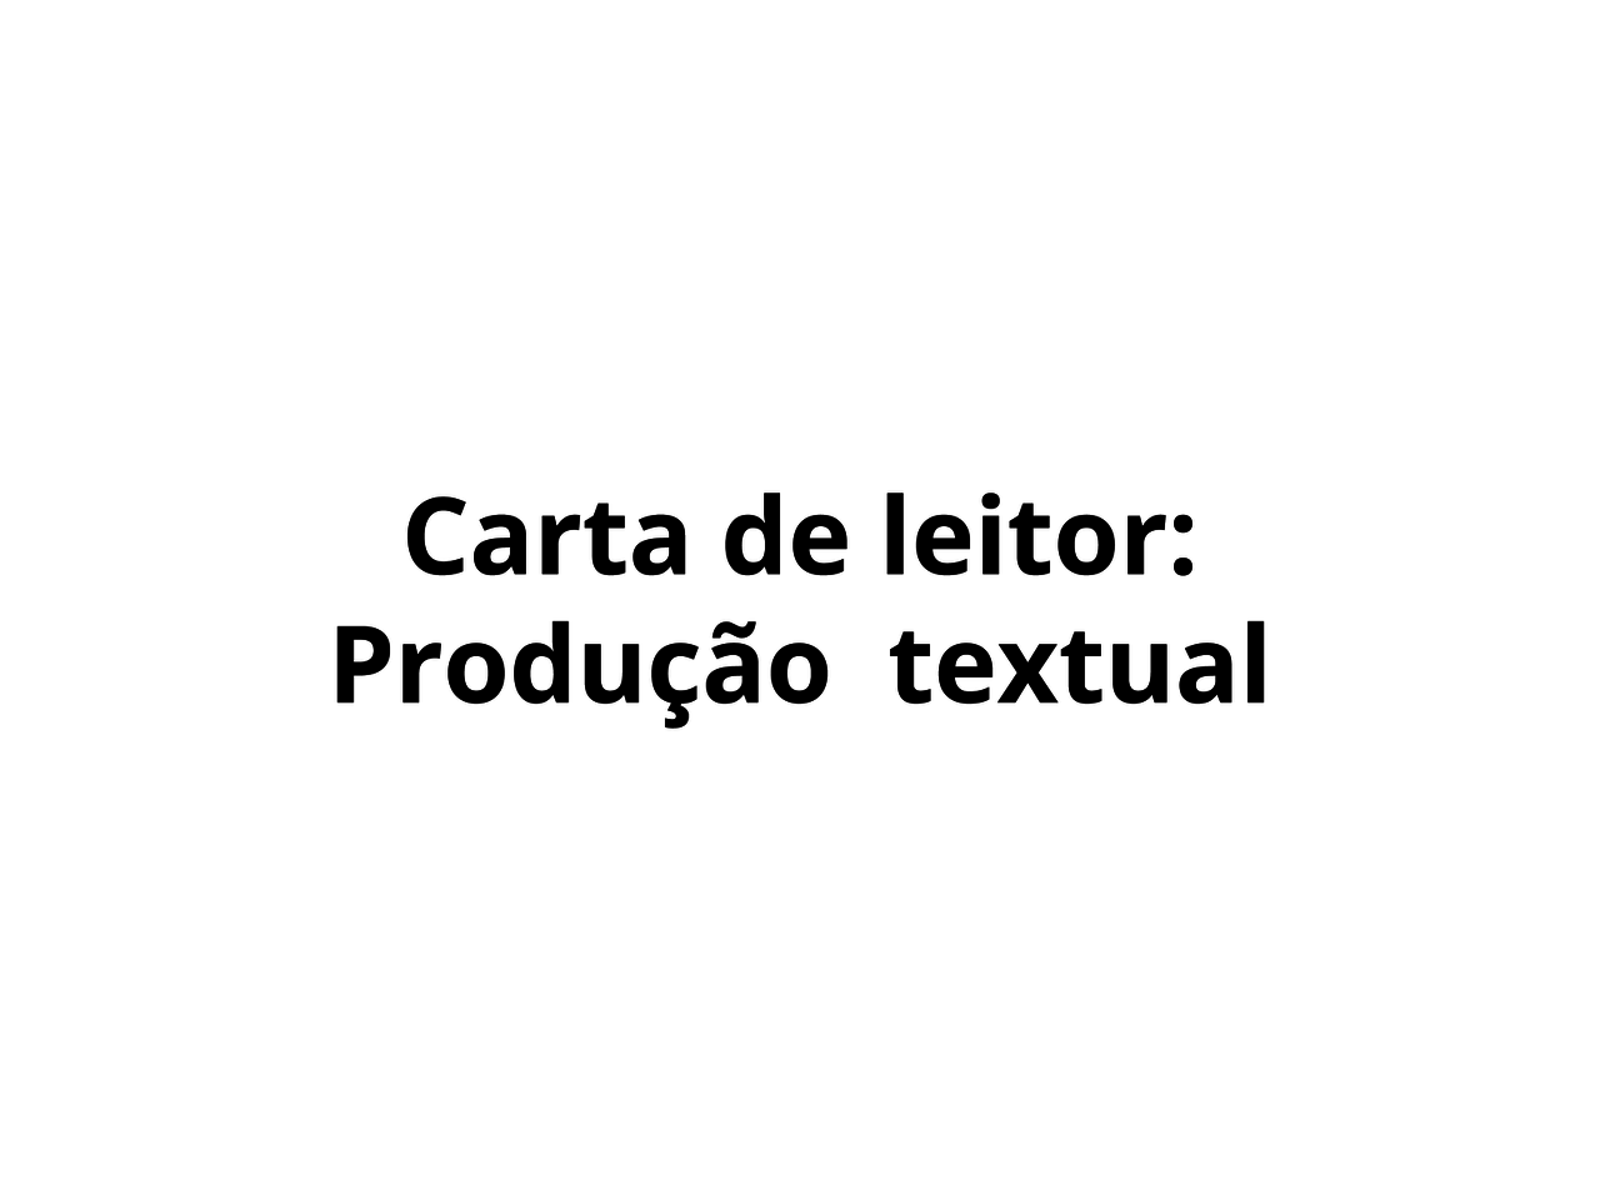 Carta de leitor: Produção textual